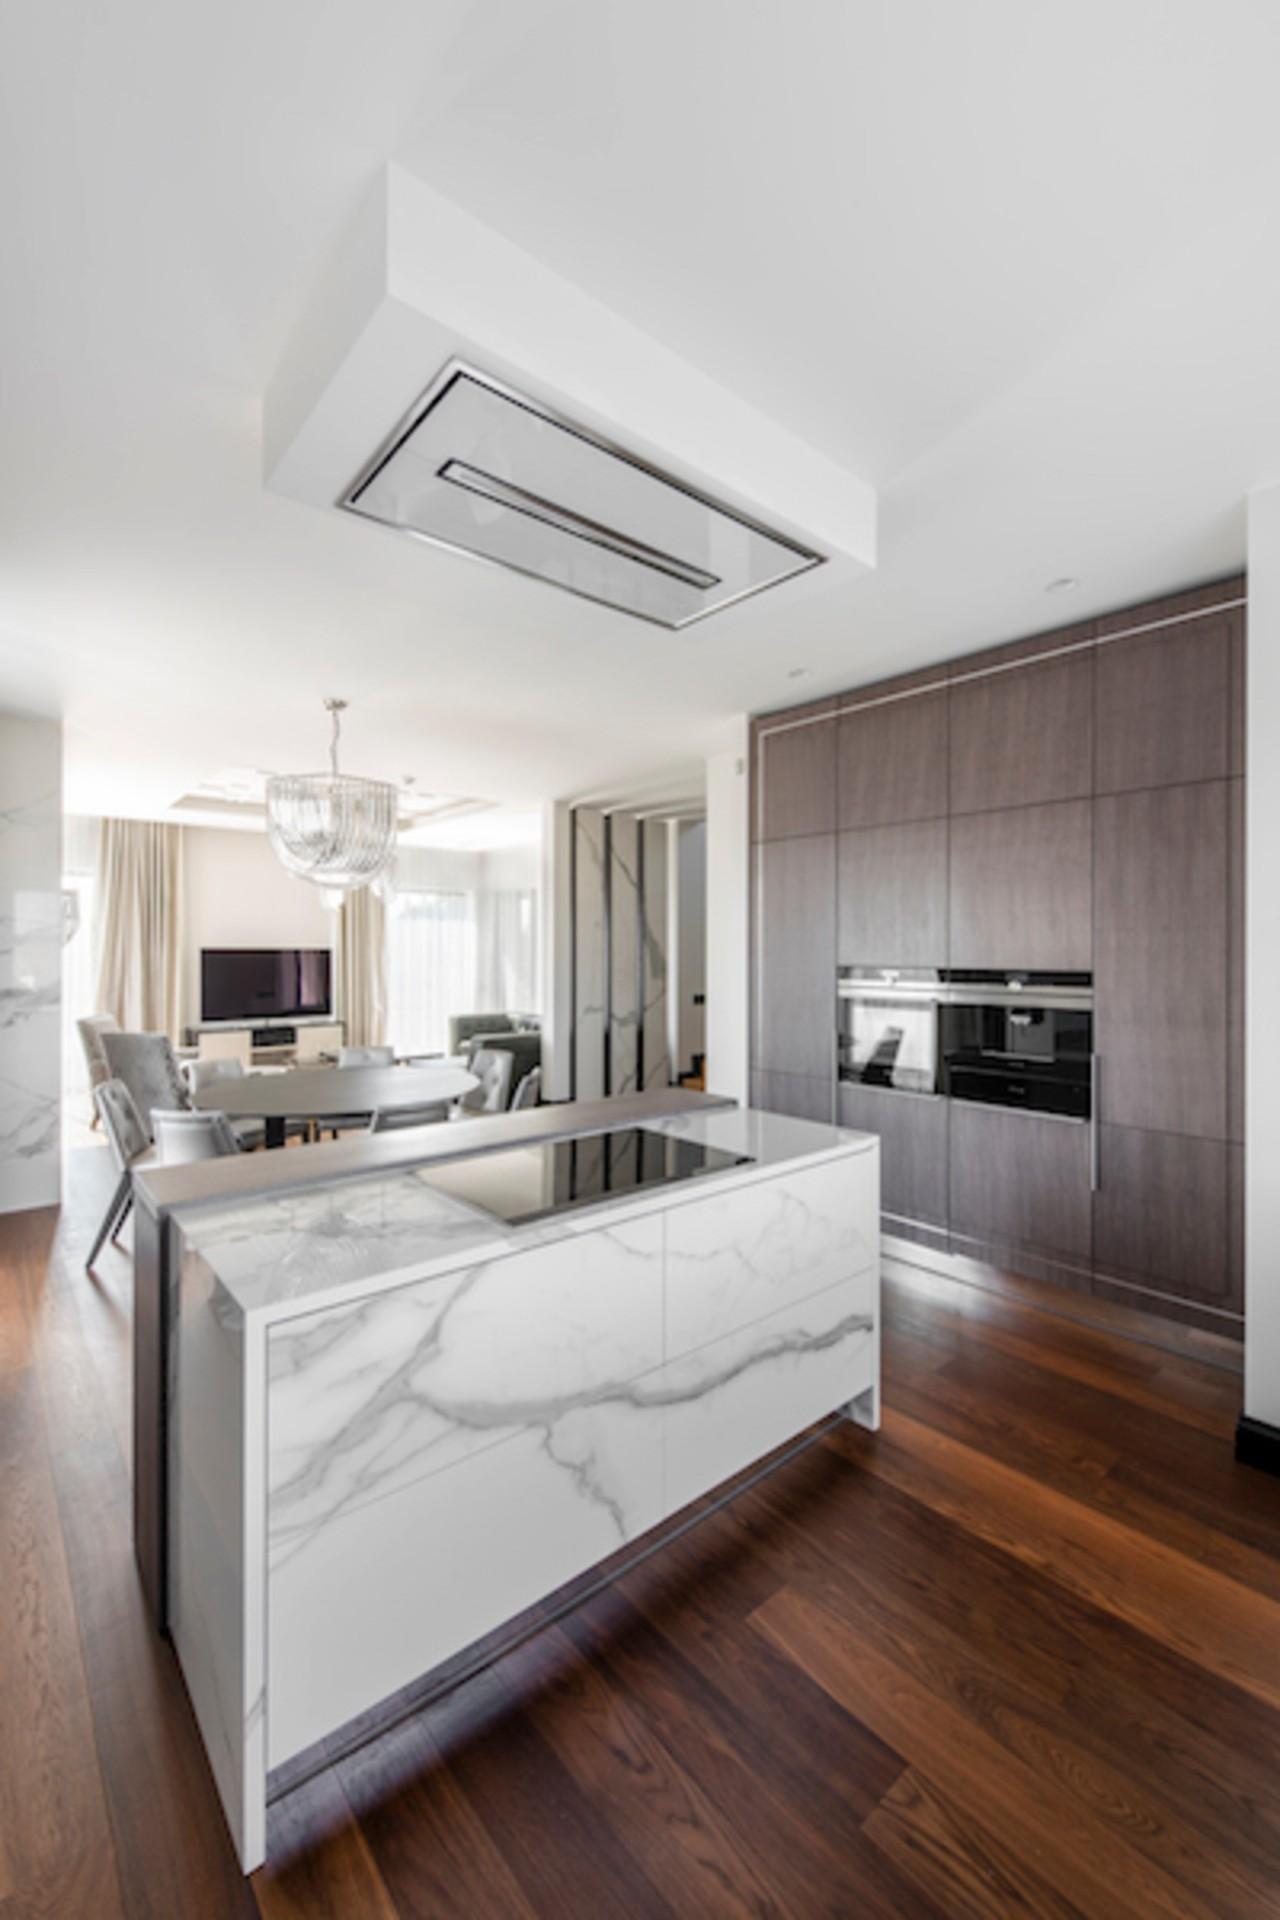 Modernus interjeras virtuvė su svetaine